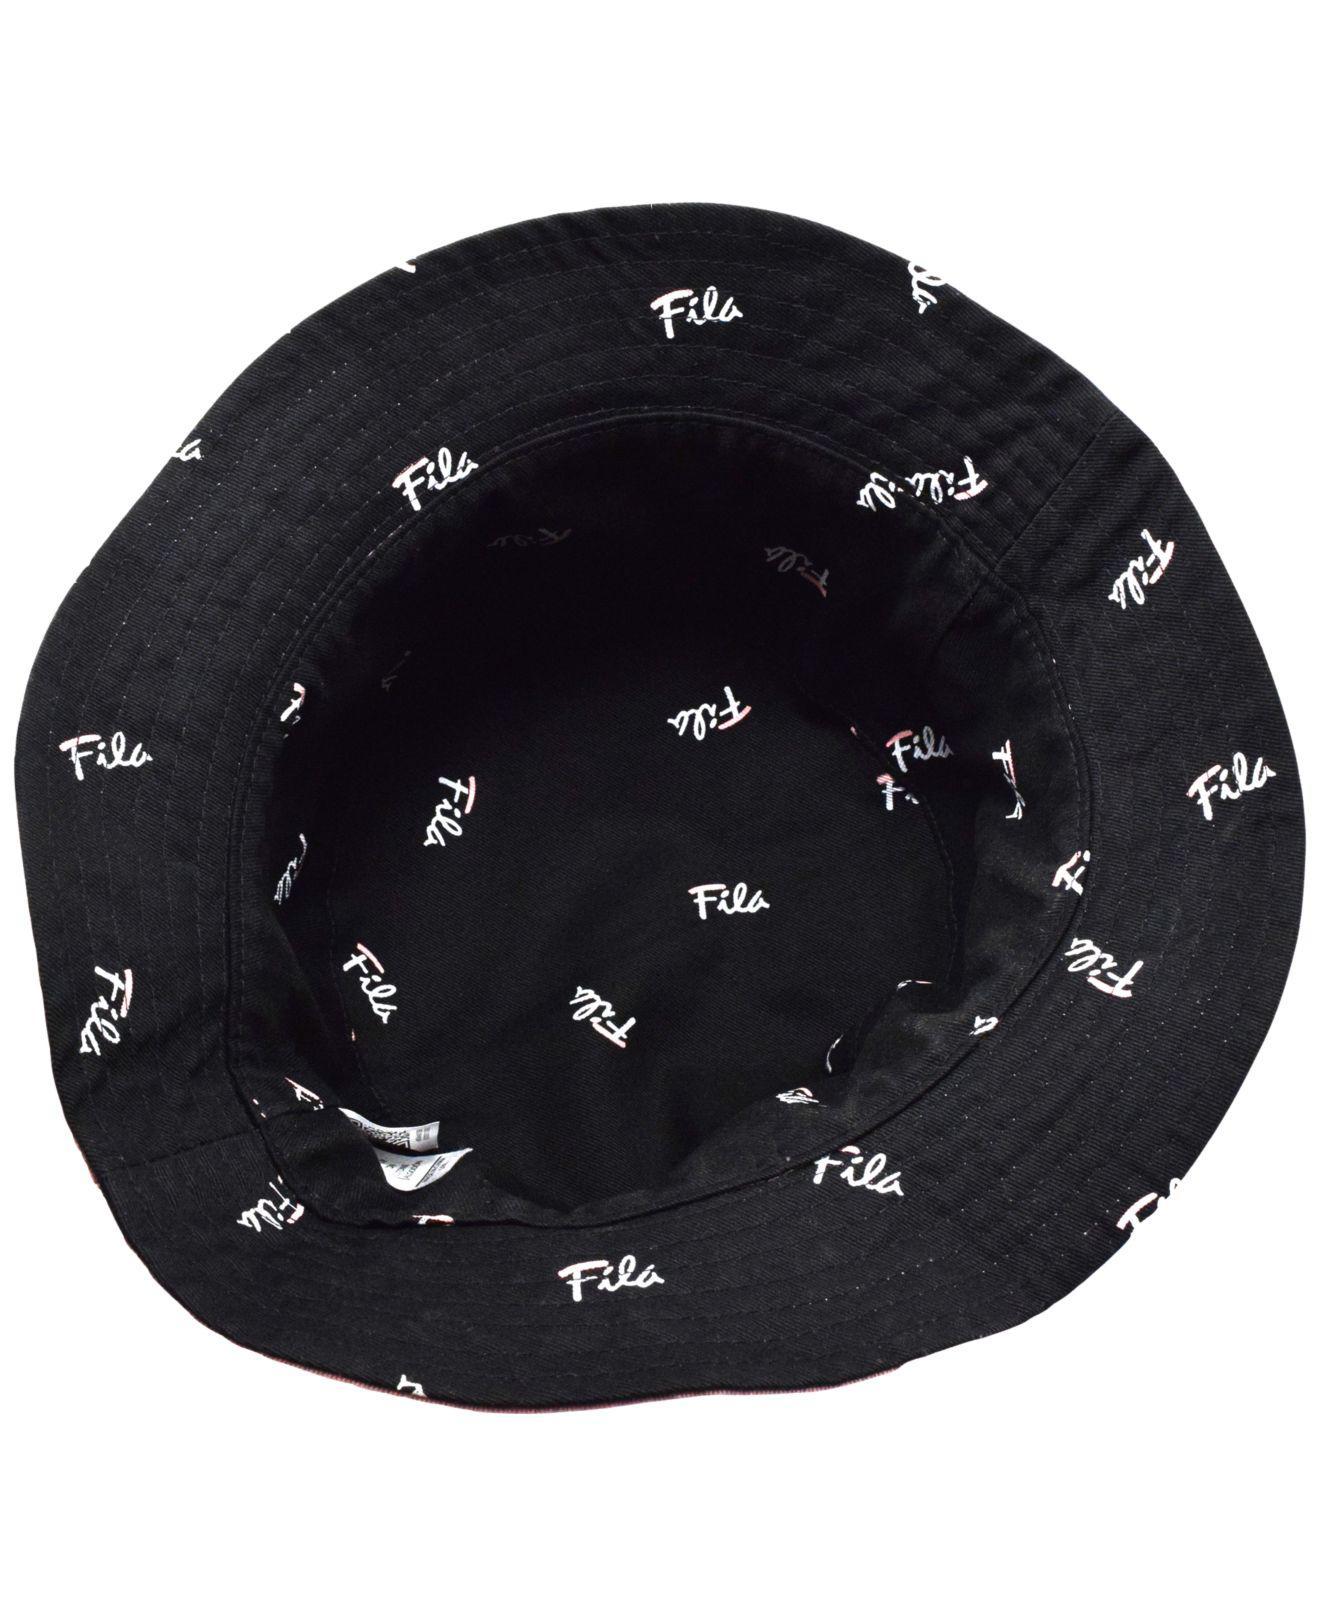 385d06ed4ab Lyst - Fila Cotton Reversible Cotton Bucket Hat